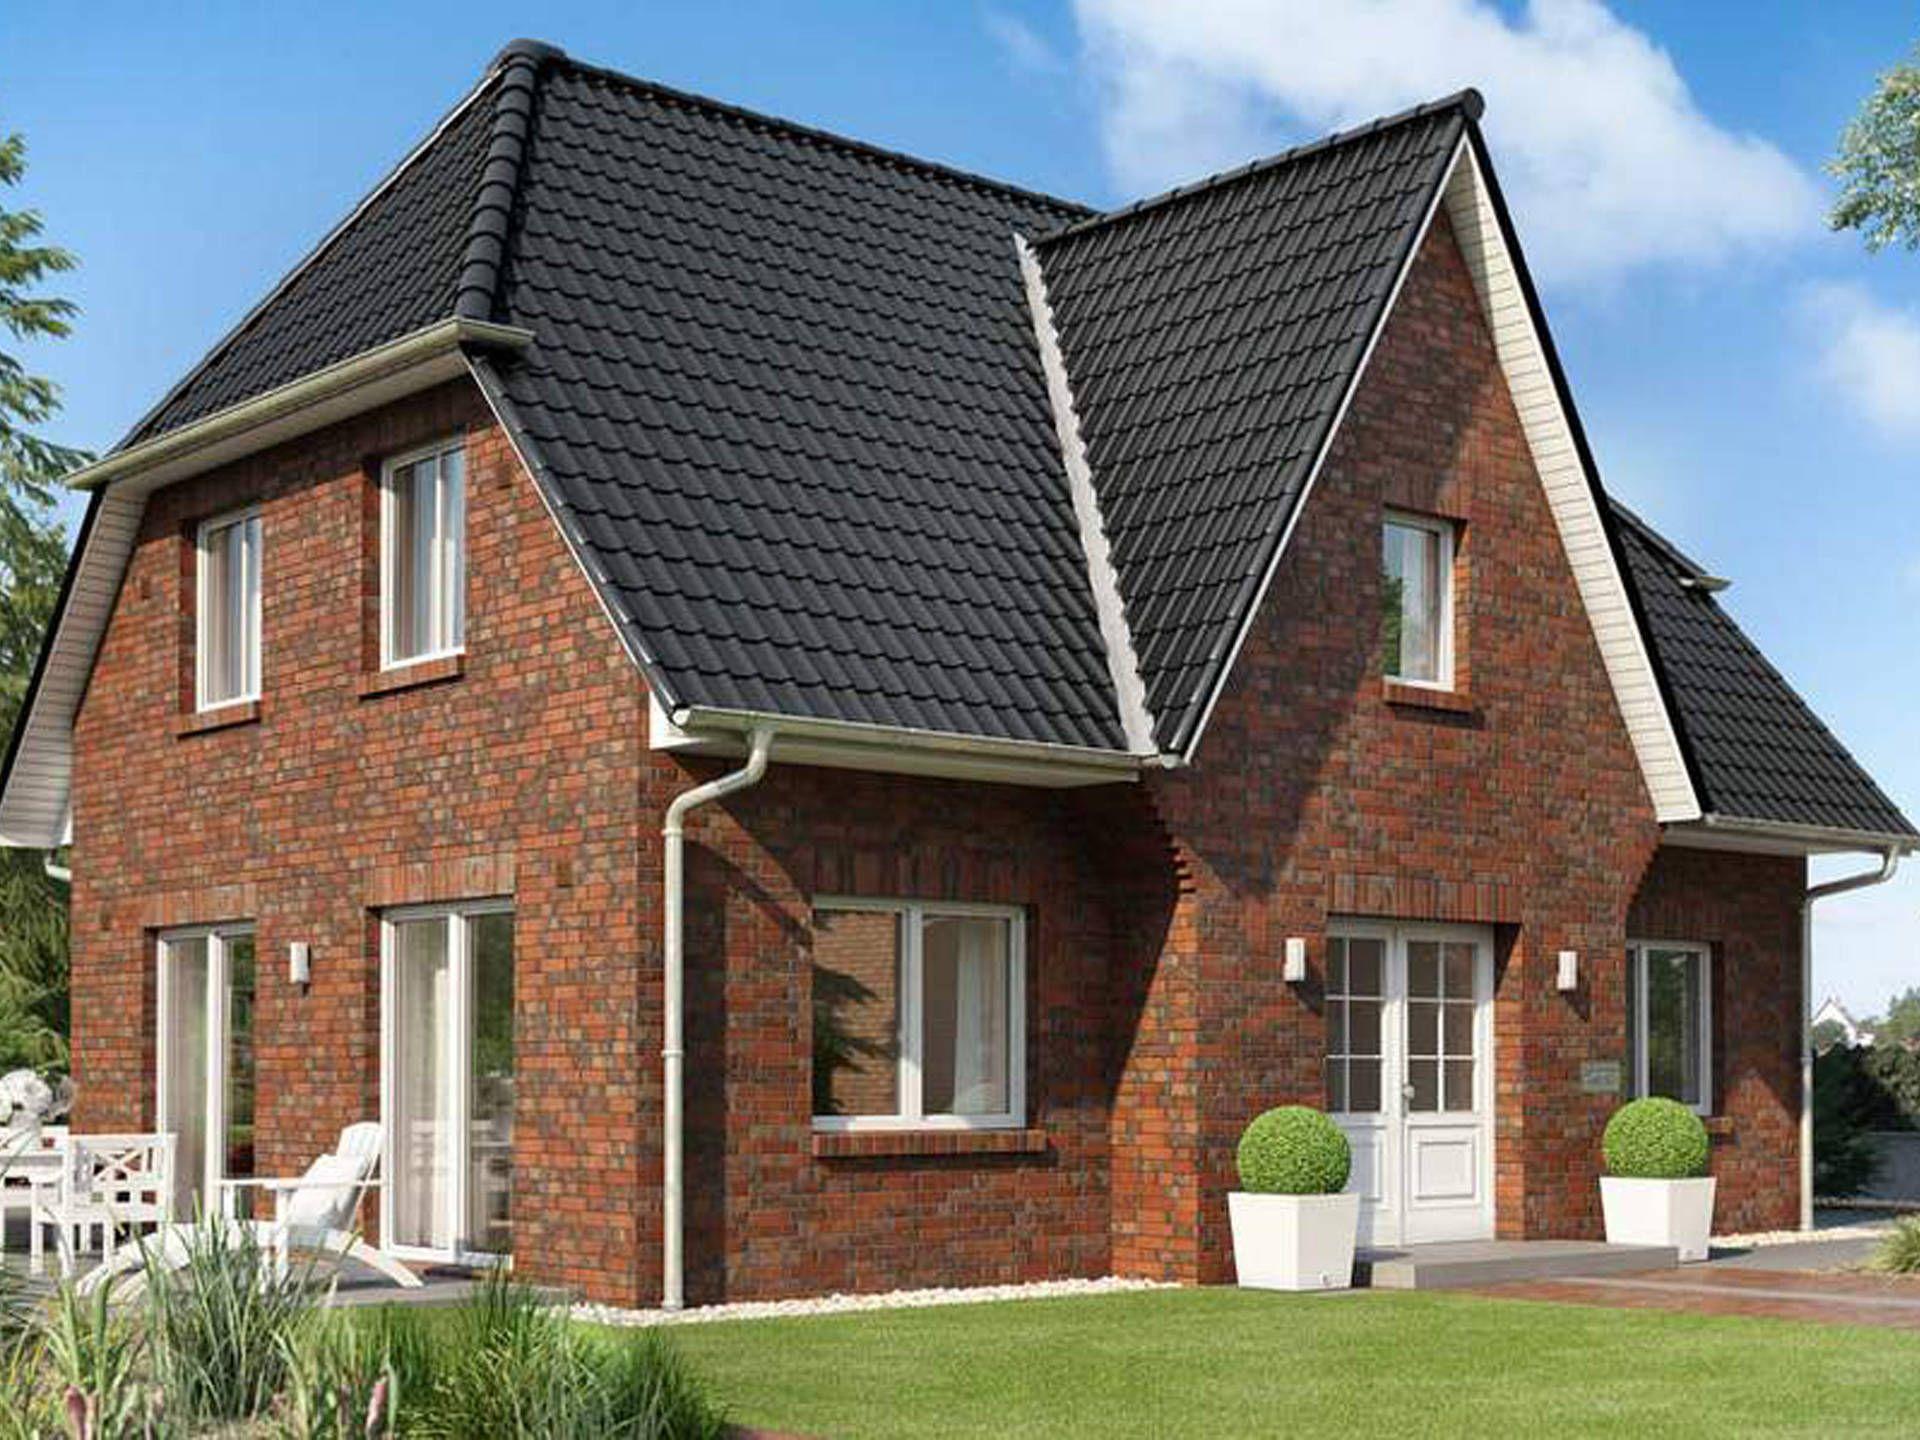 Musterhaus einfamilienhaus  10 besten Landhaus Bilder auf Pinterest | Einfamilienhaus ...